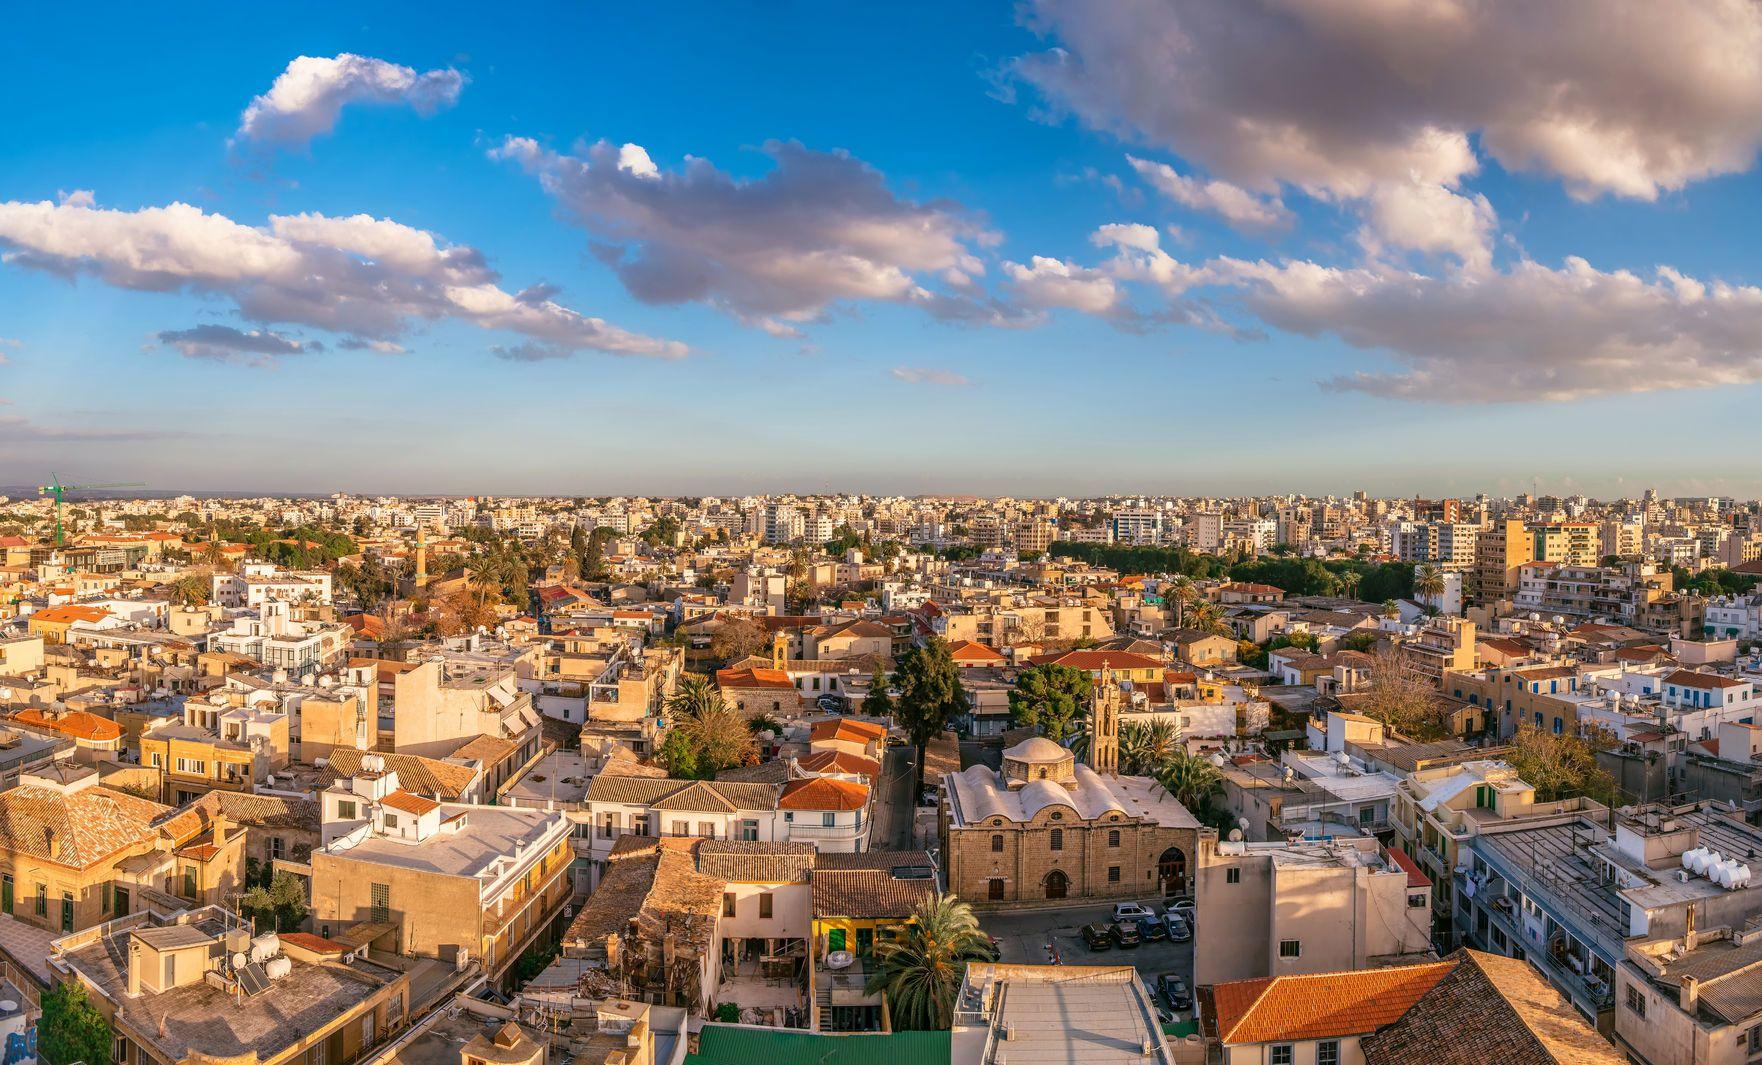 Pohled na město Nikósie na Kypru   kirillm/123RF.com